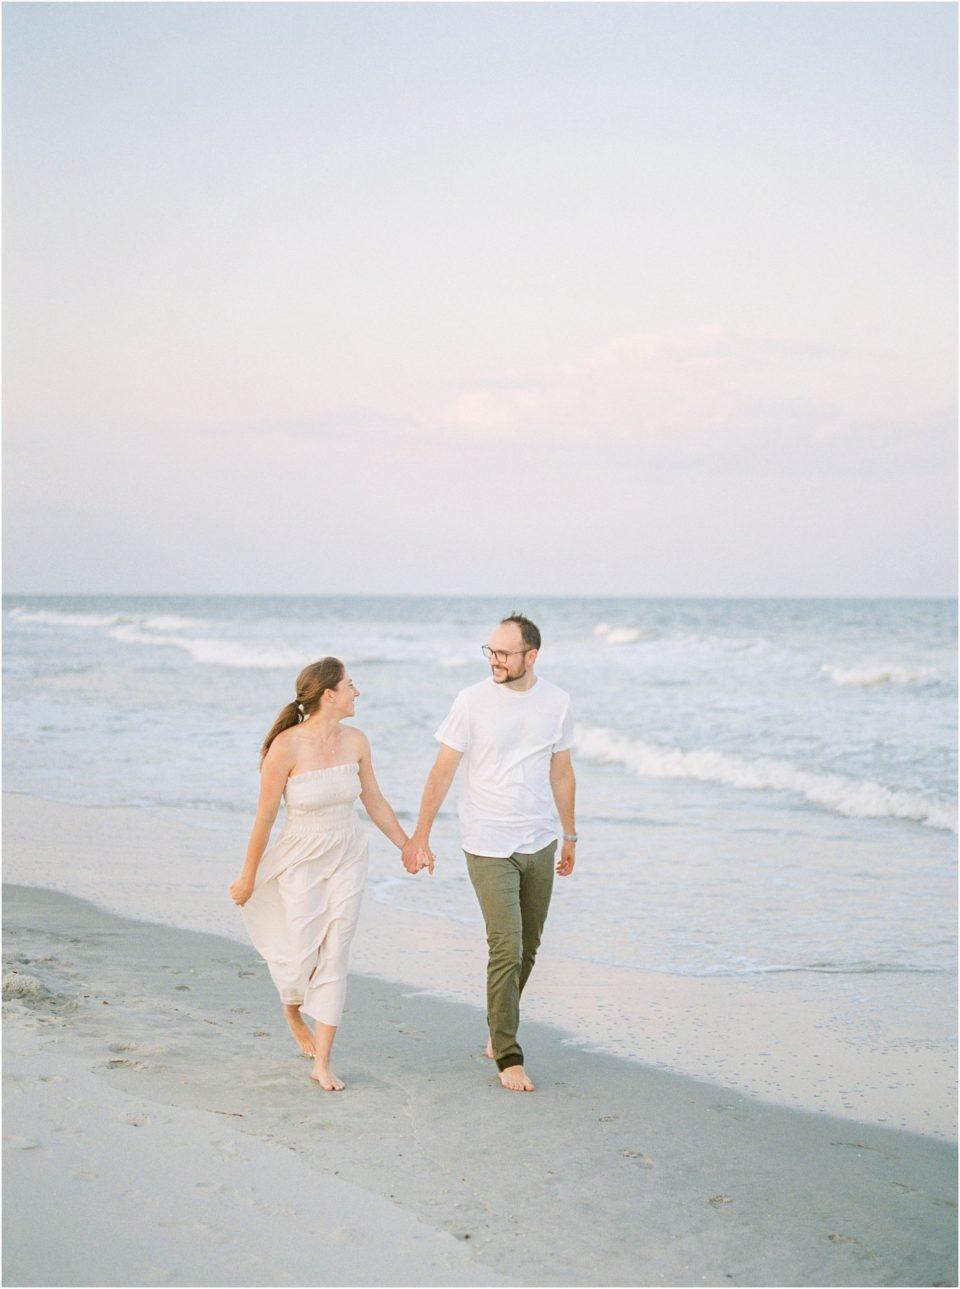 anniversary photos on the beach ideas